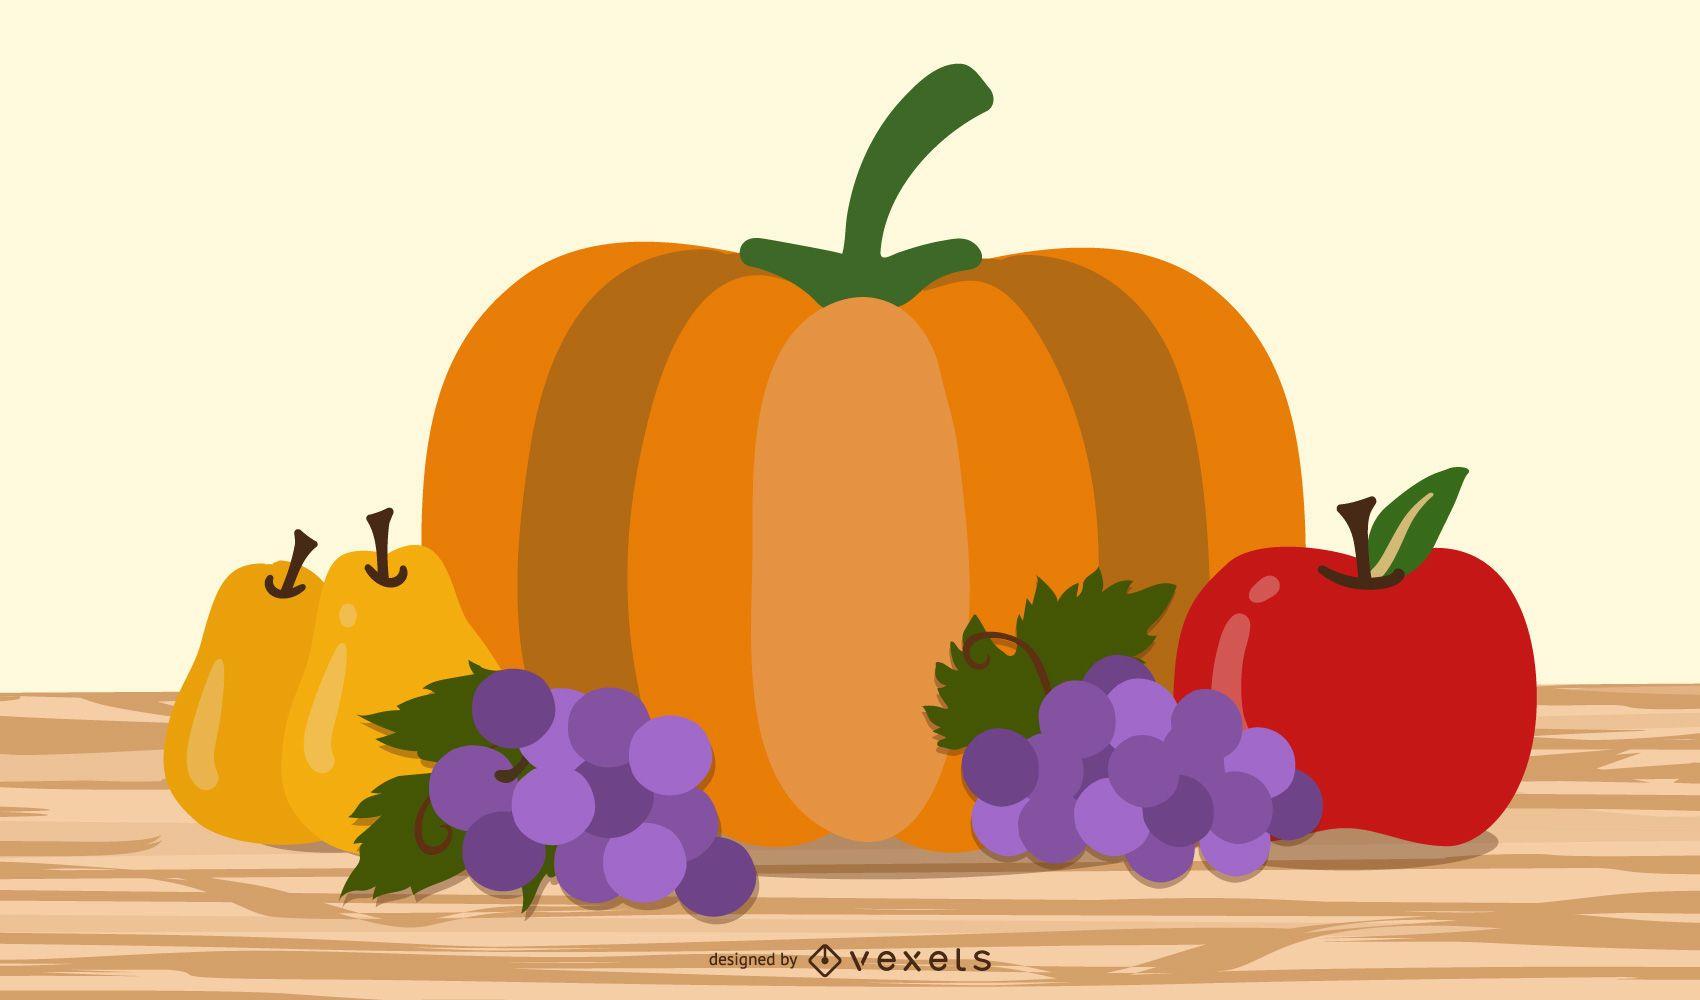 Fruits and vegetables illustration design